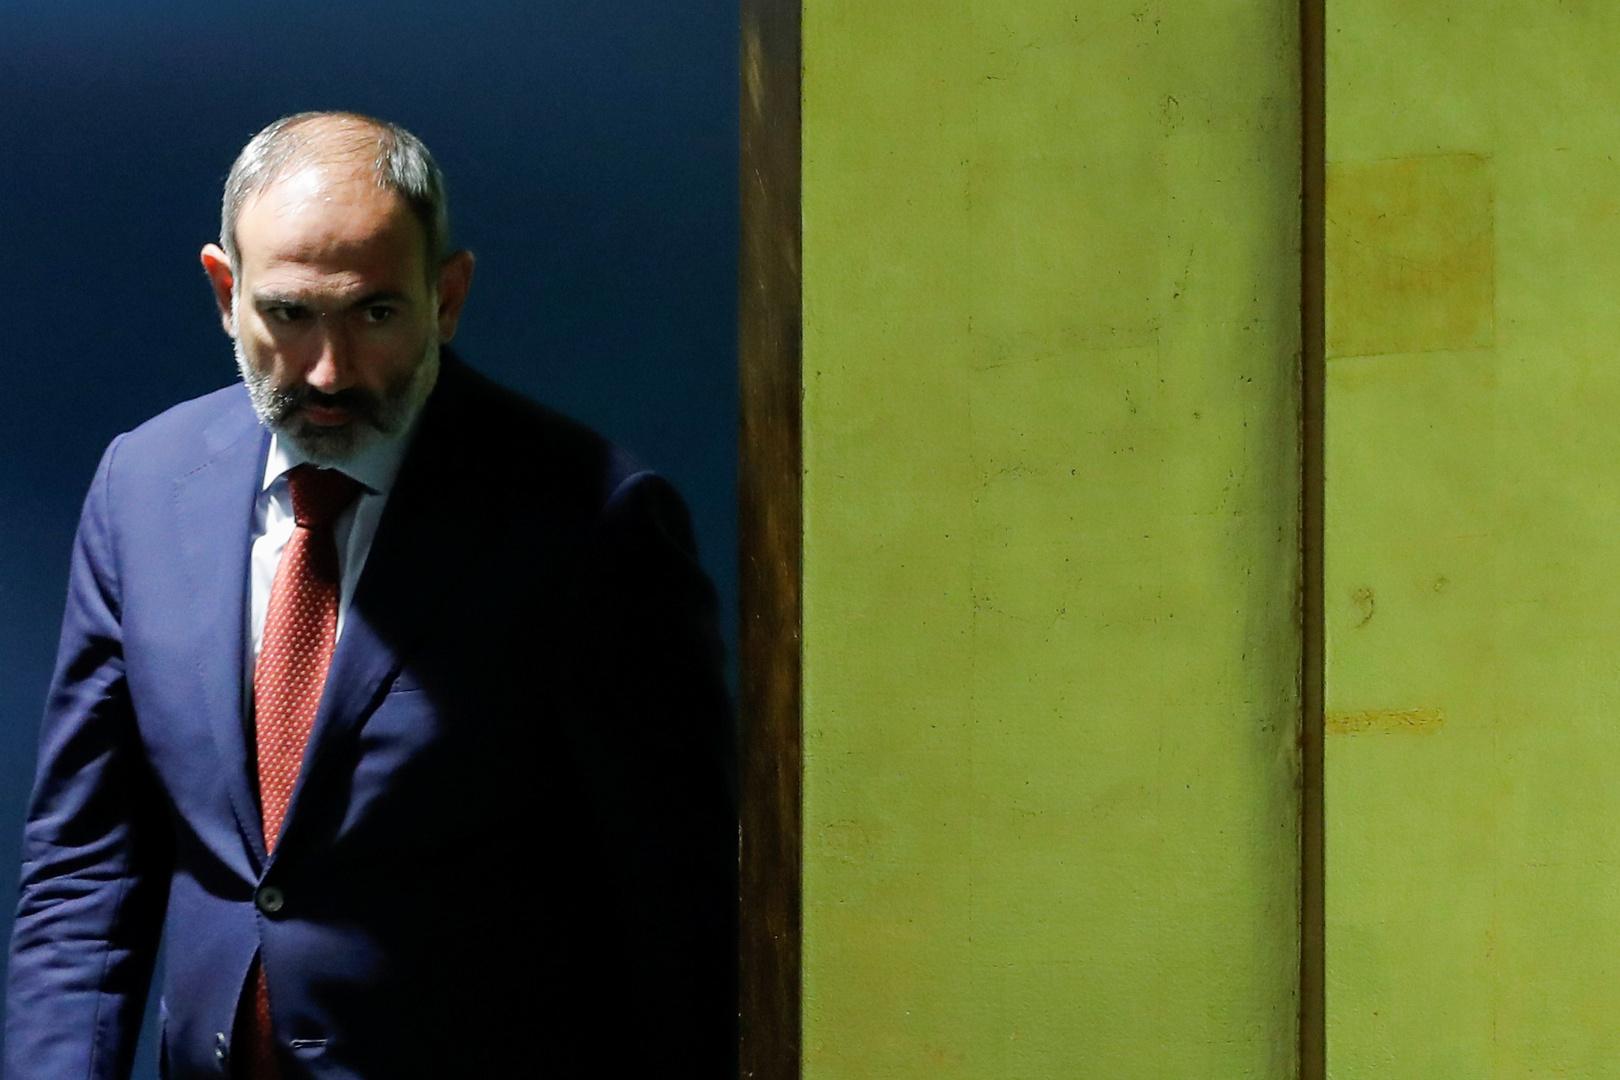 رئيس الوزراء الأرمني، نيكول باشينيان